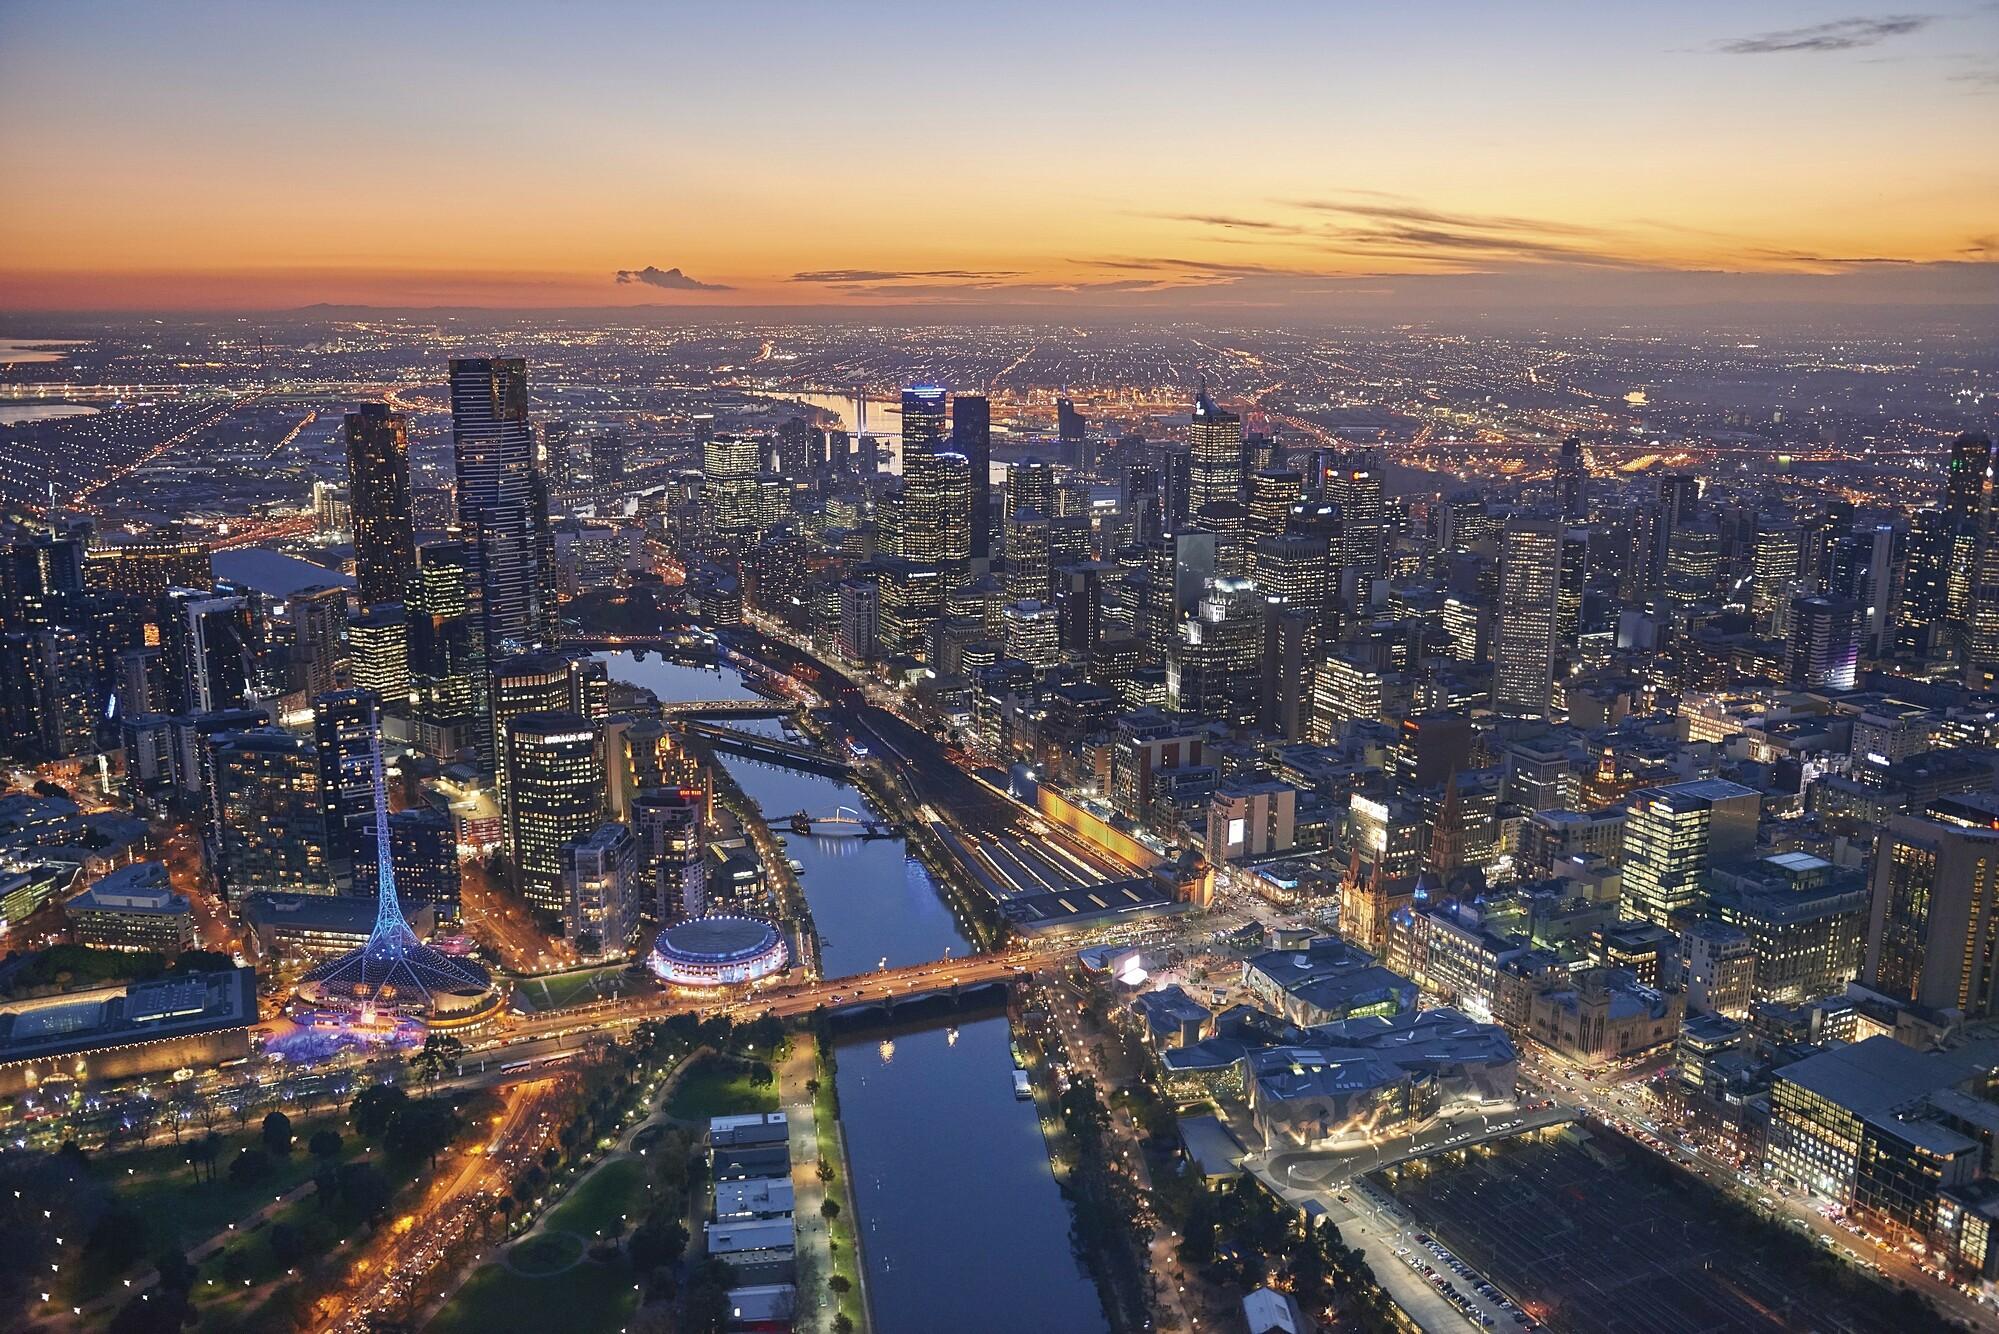 Thành phố Melbourne có quy hoạch tốt và ứng dụng công nghệ vào quản lý đời sống.